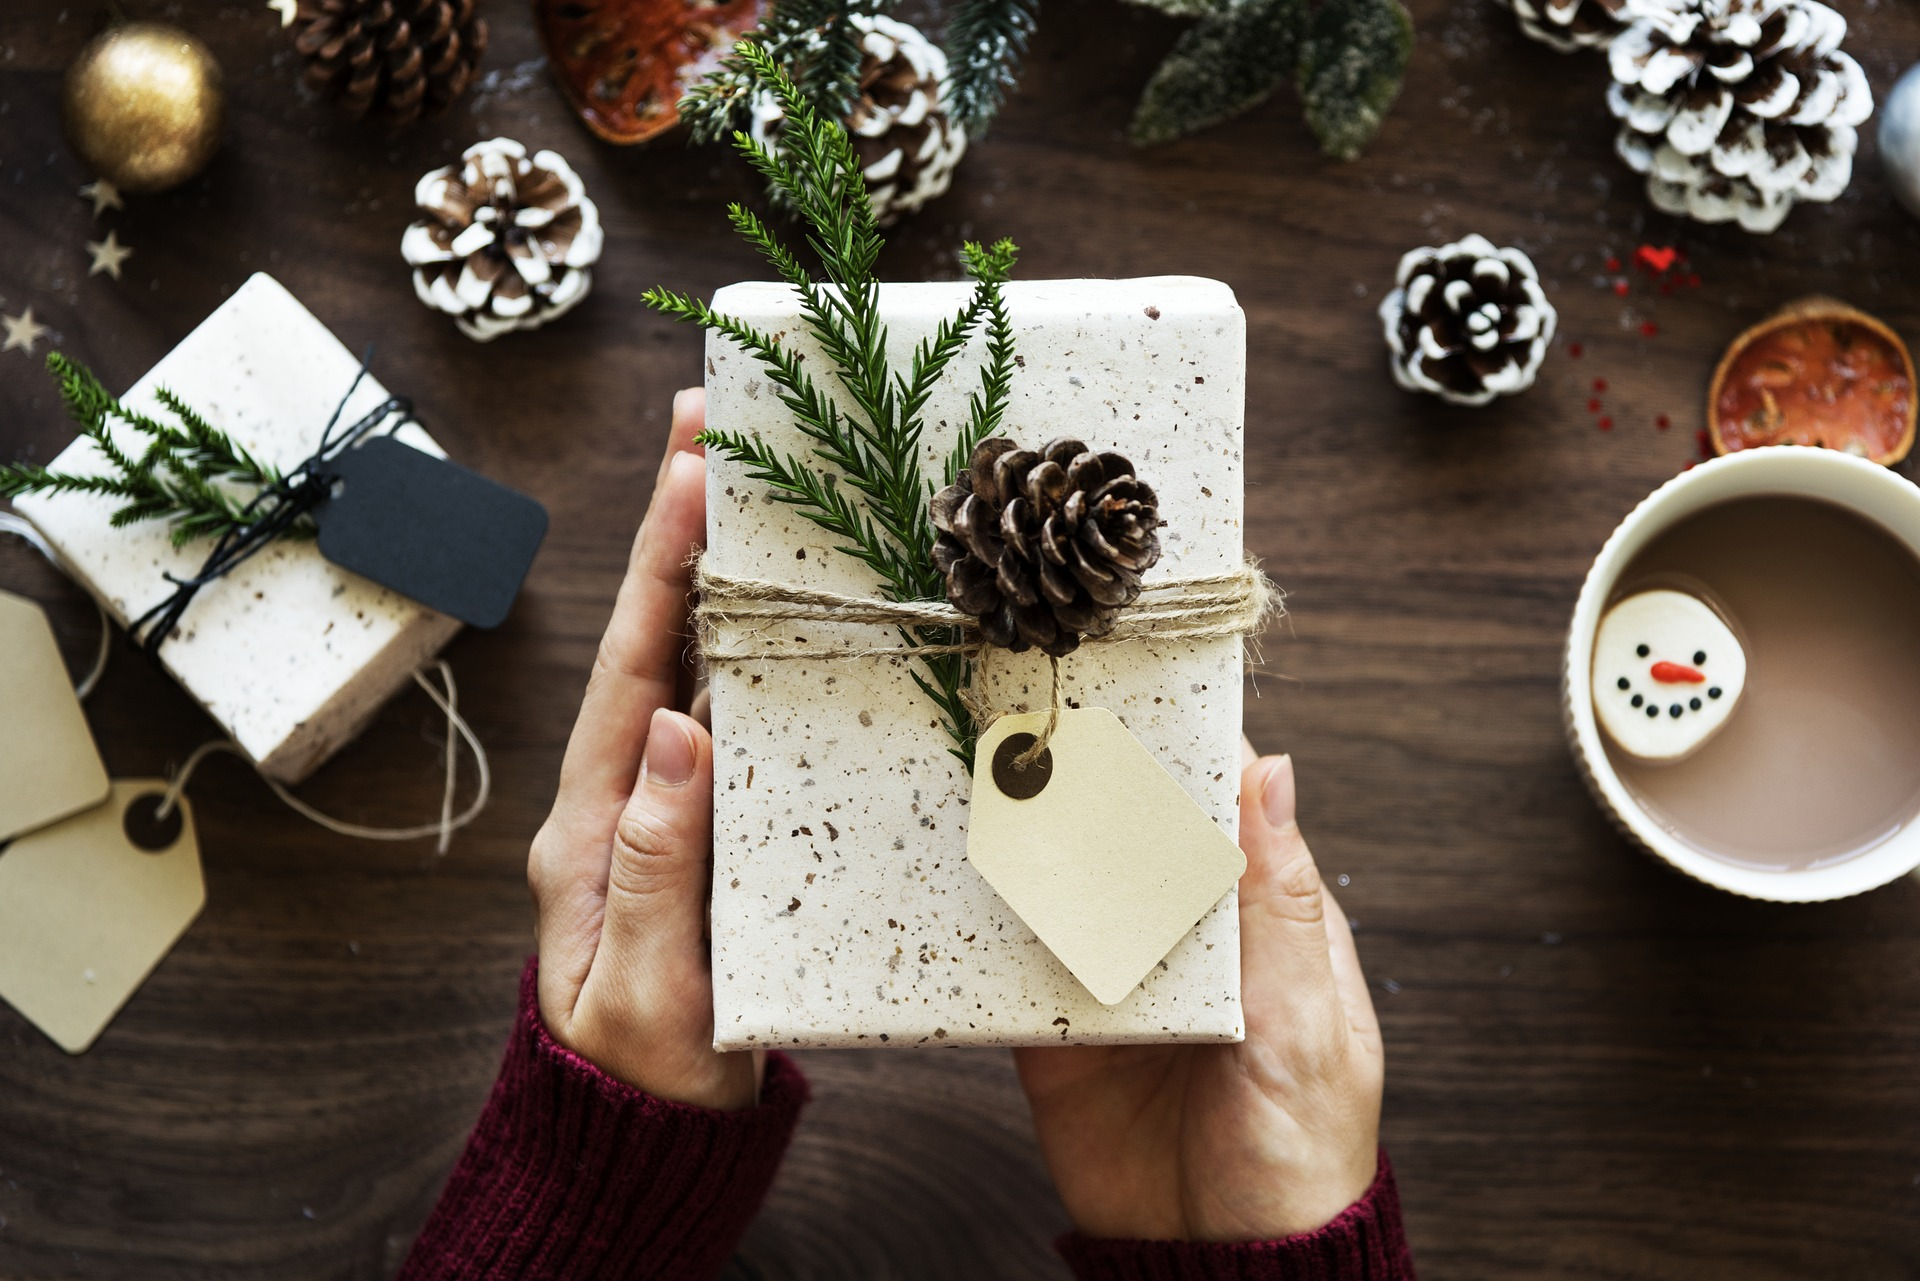 Chýba vám inšpirácia na vianočné darčeky? Stavte na istotu, ktorá zaručene poteší!